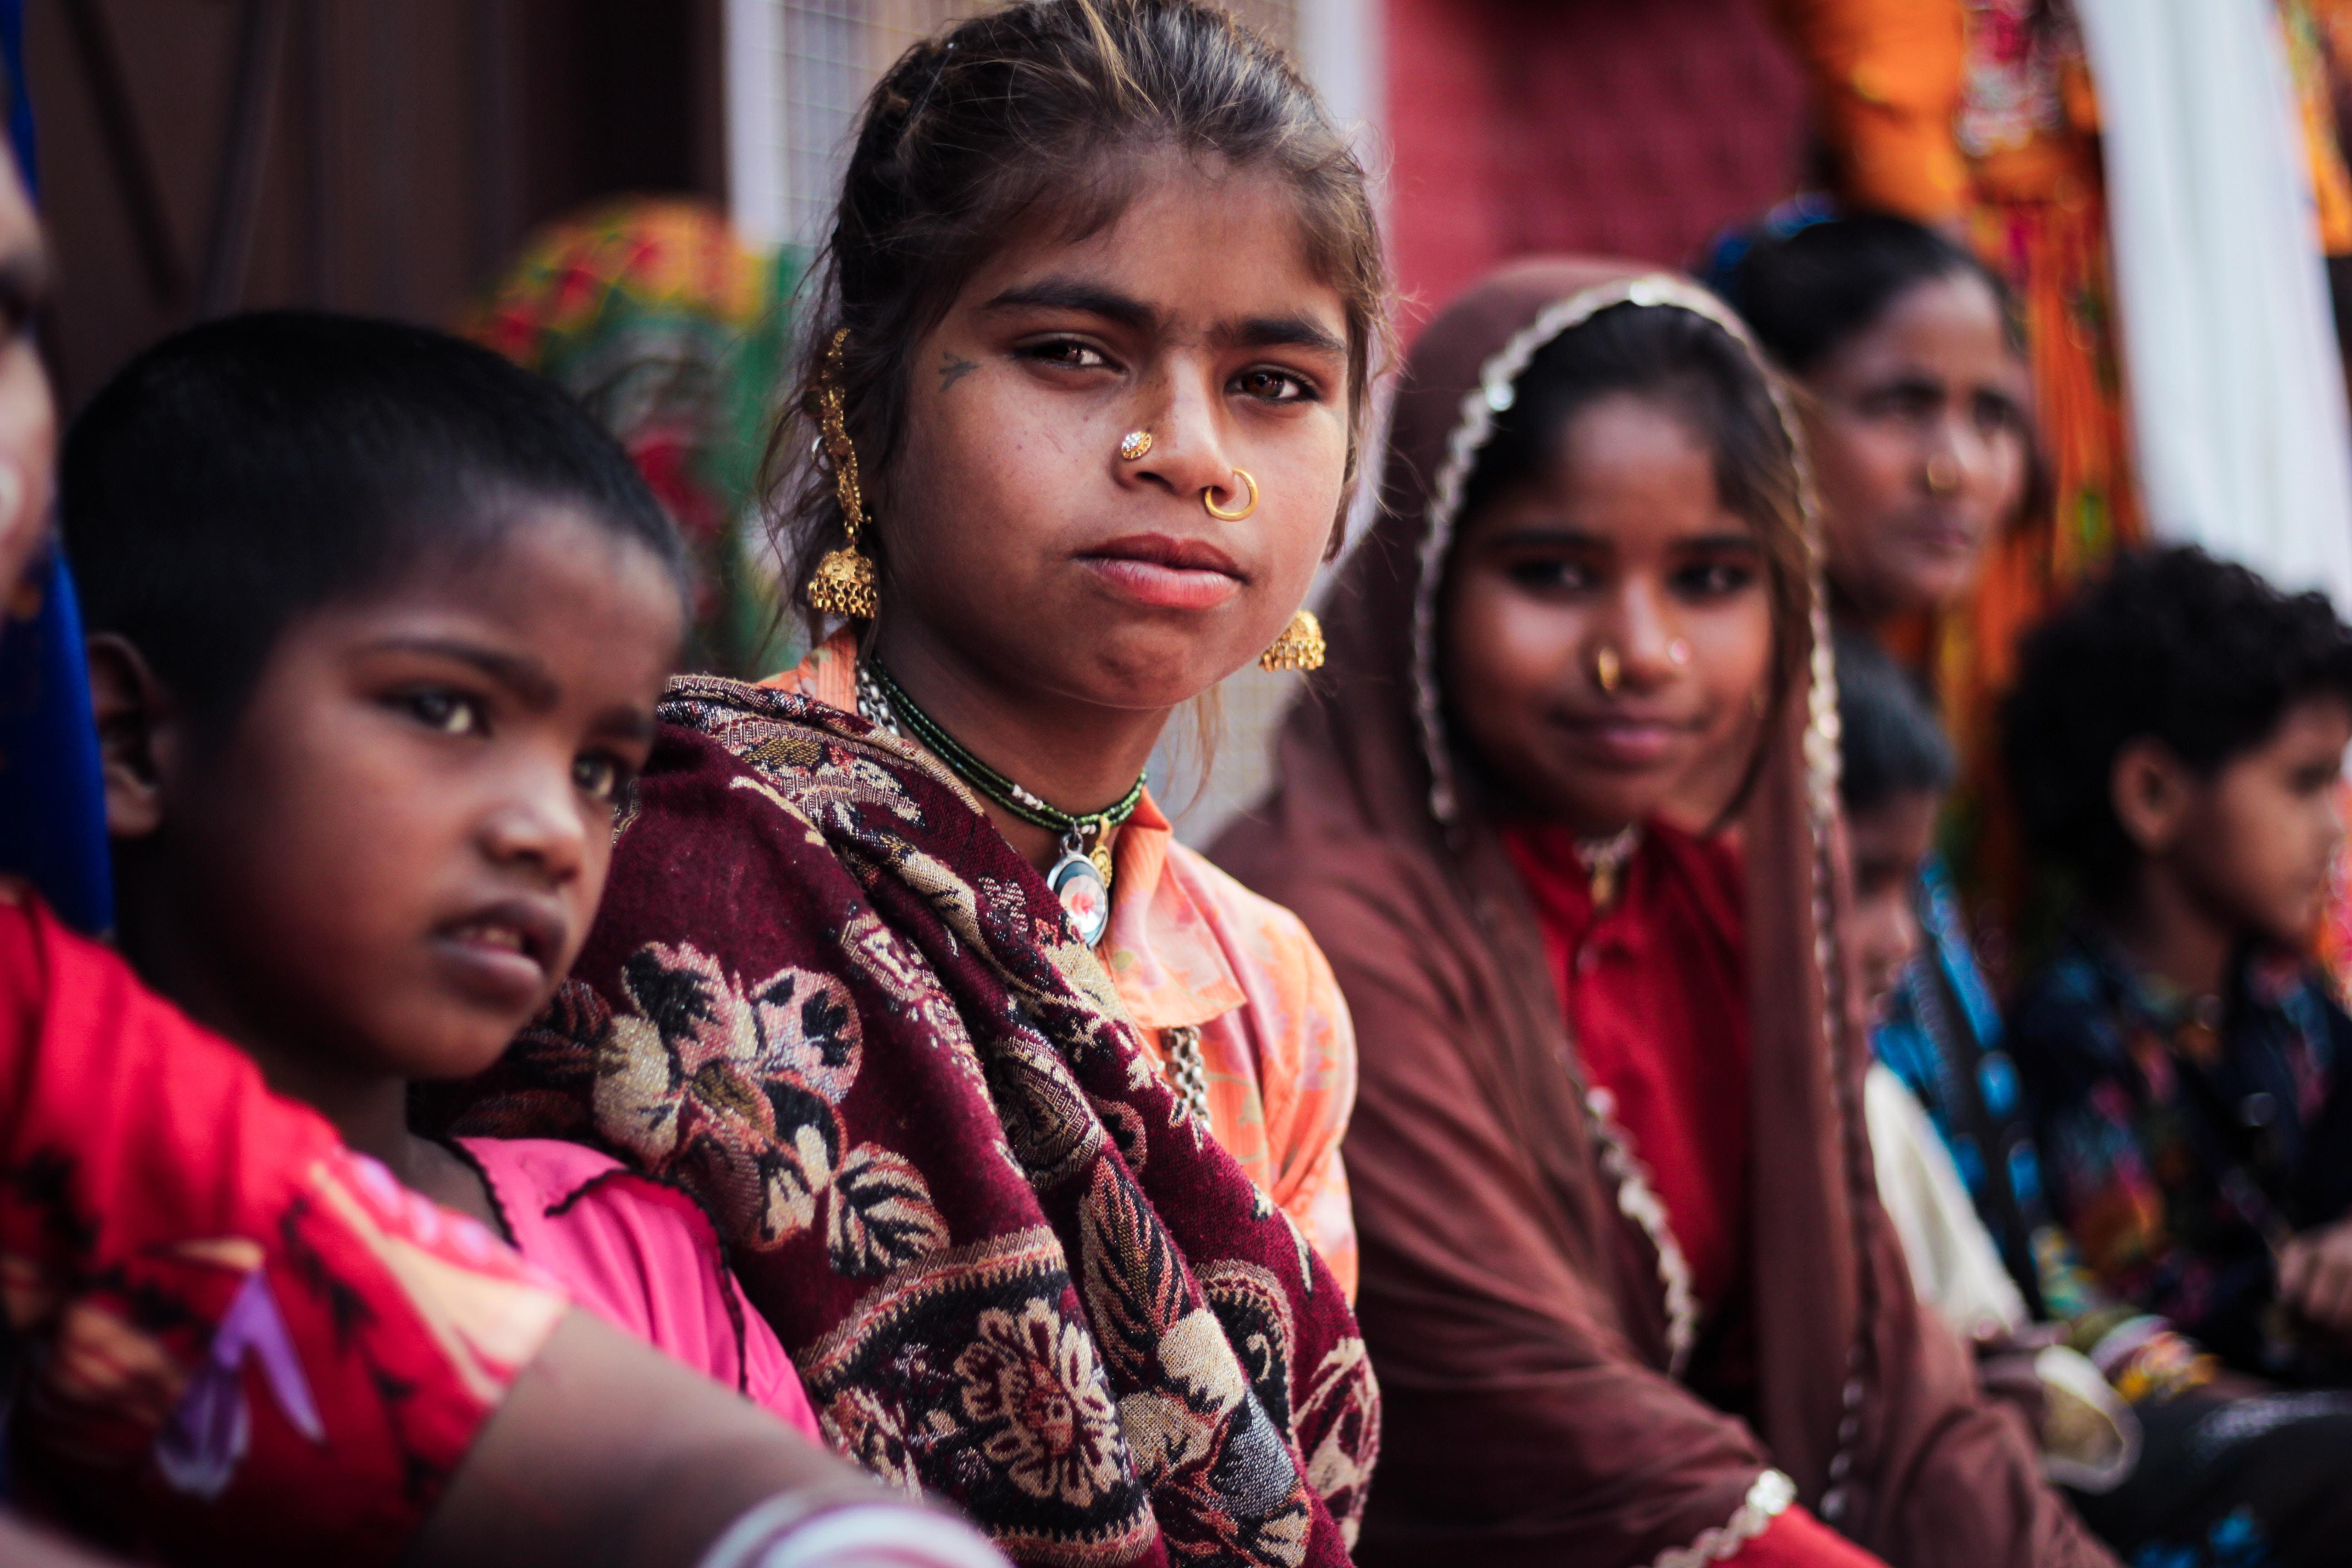 【ヨガ留学生活ブログ】インドの恋愛事情って?カーストはまだ文化に残っているの?